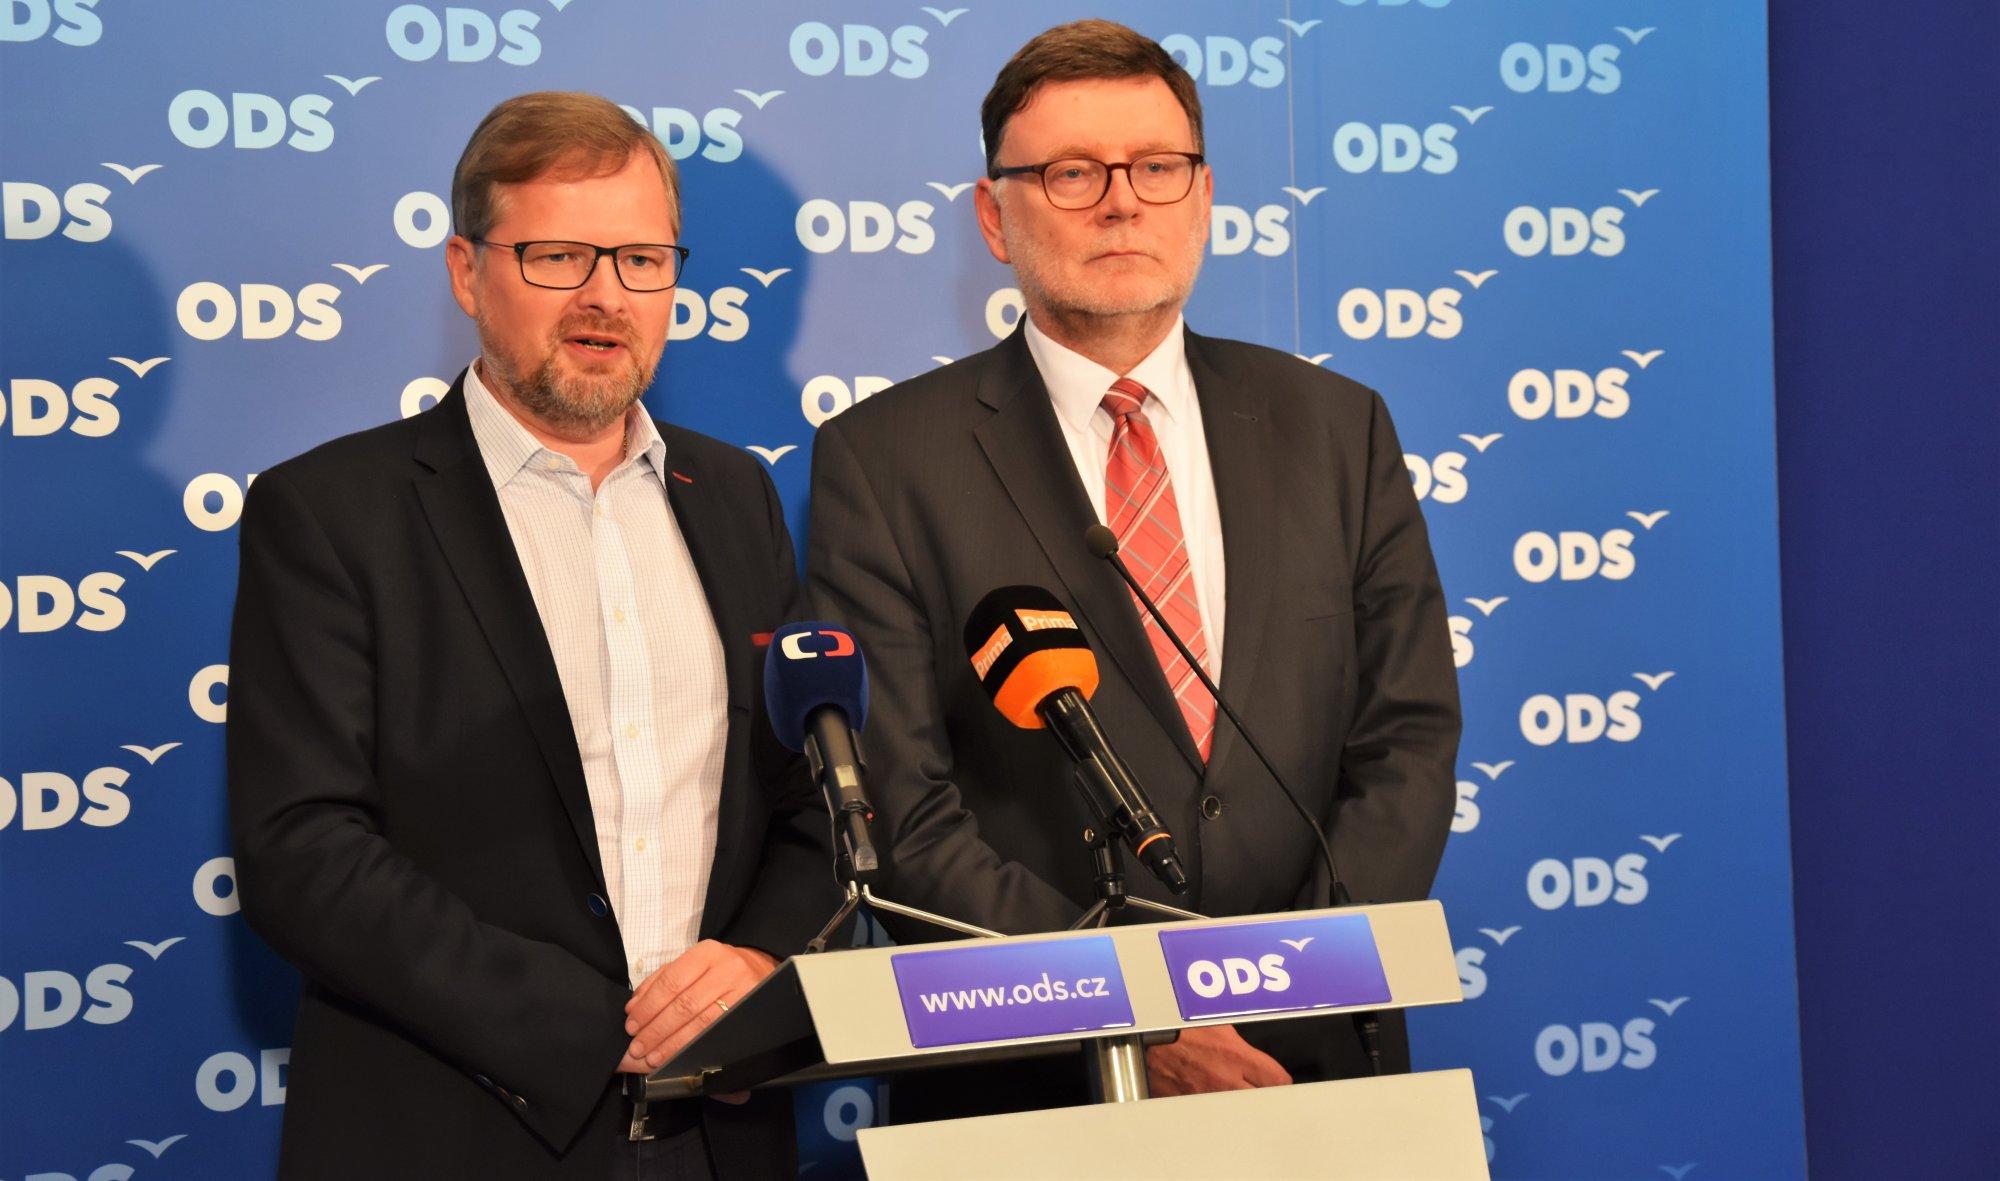 Petr Fiala: Vyjádření k žádosti policie o vydání Andreje Babiše a Jaroslava Faltýnka k trestnímu stíhání